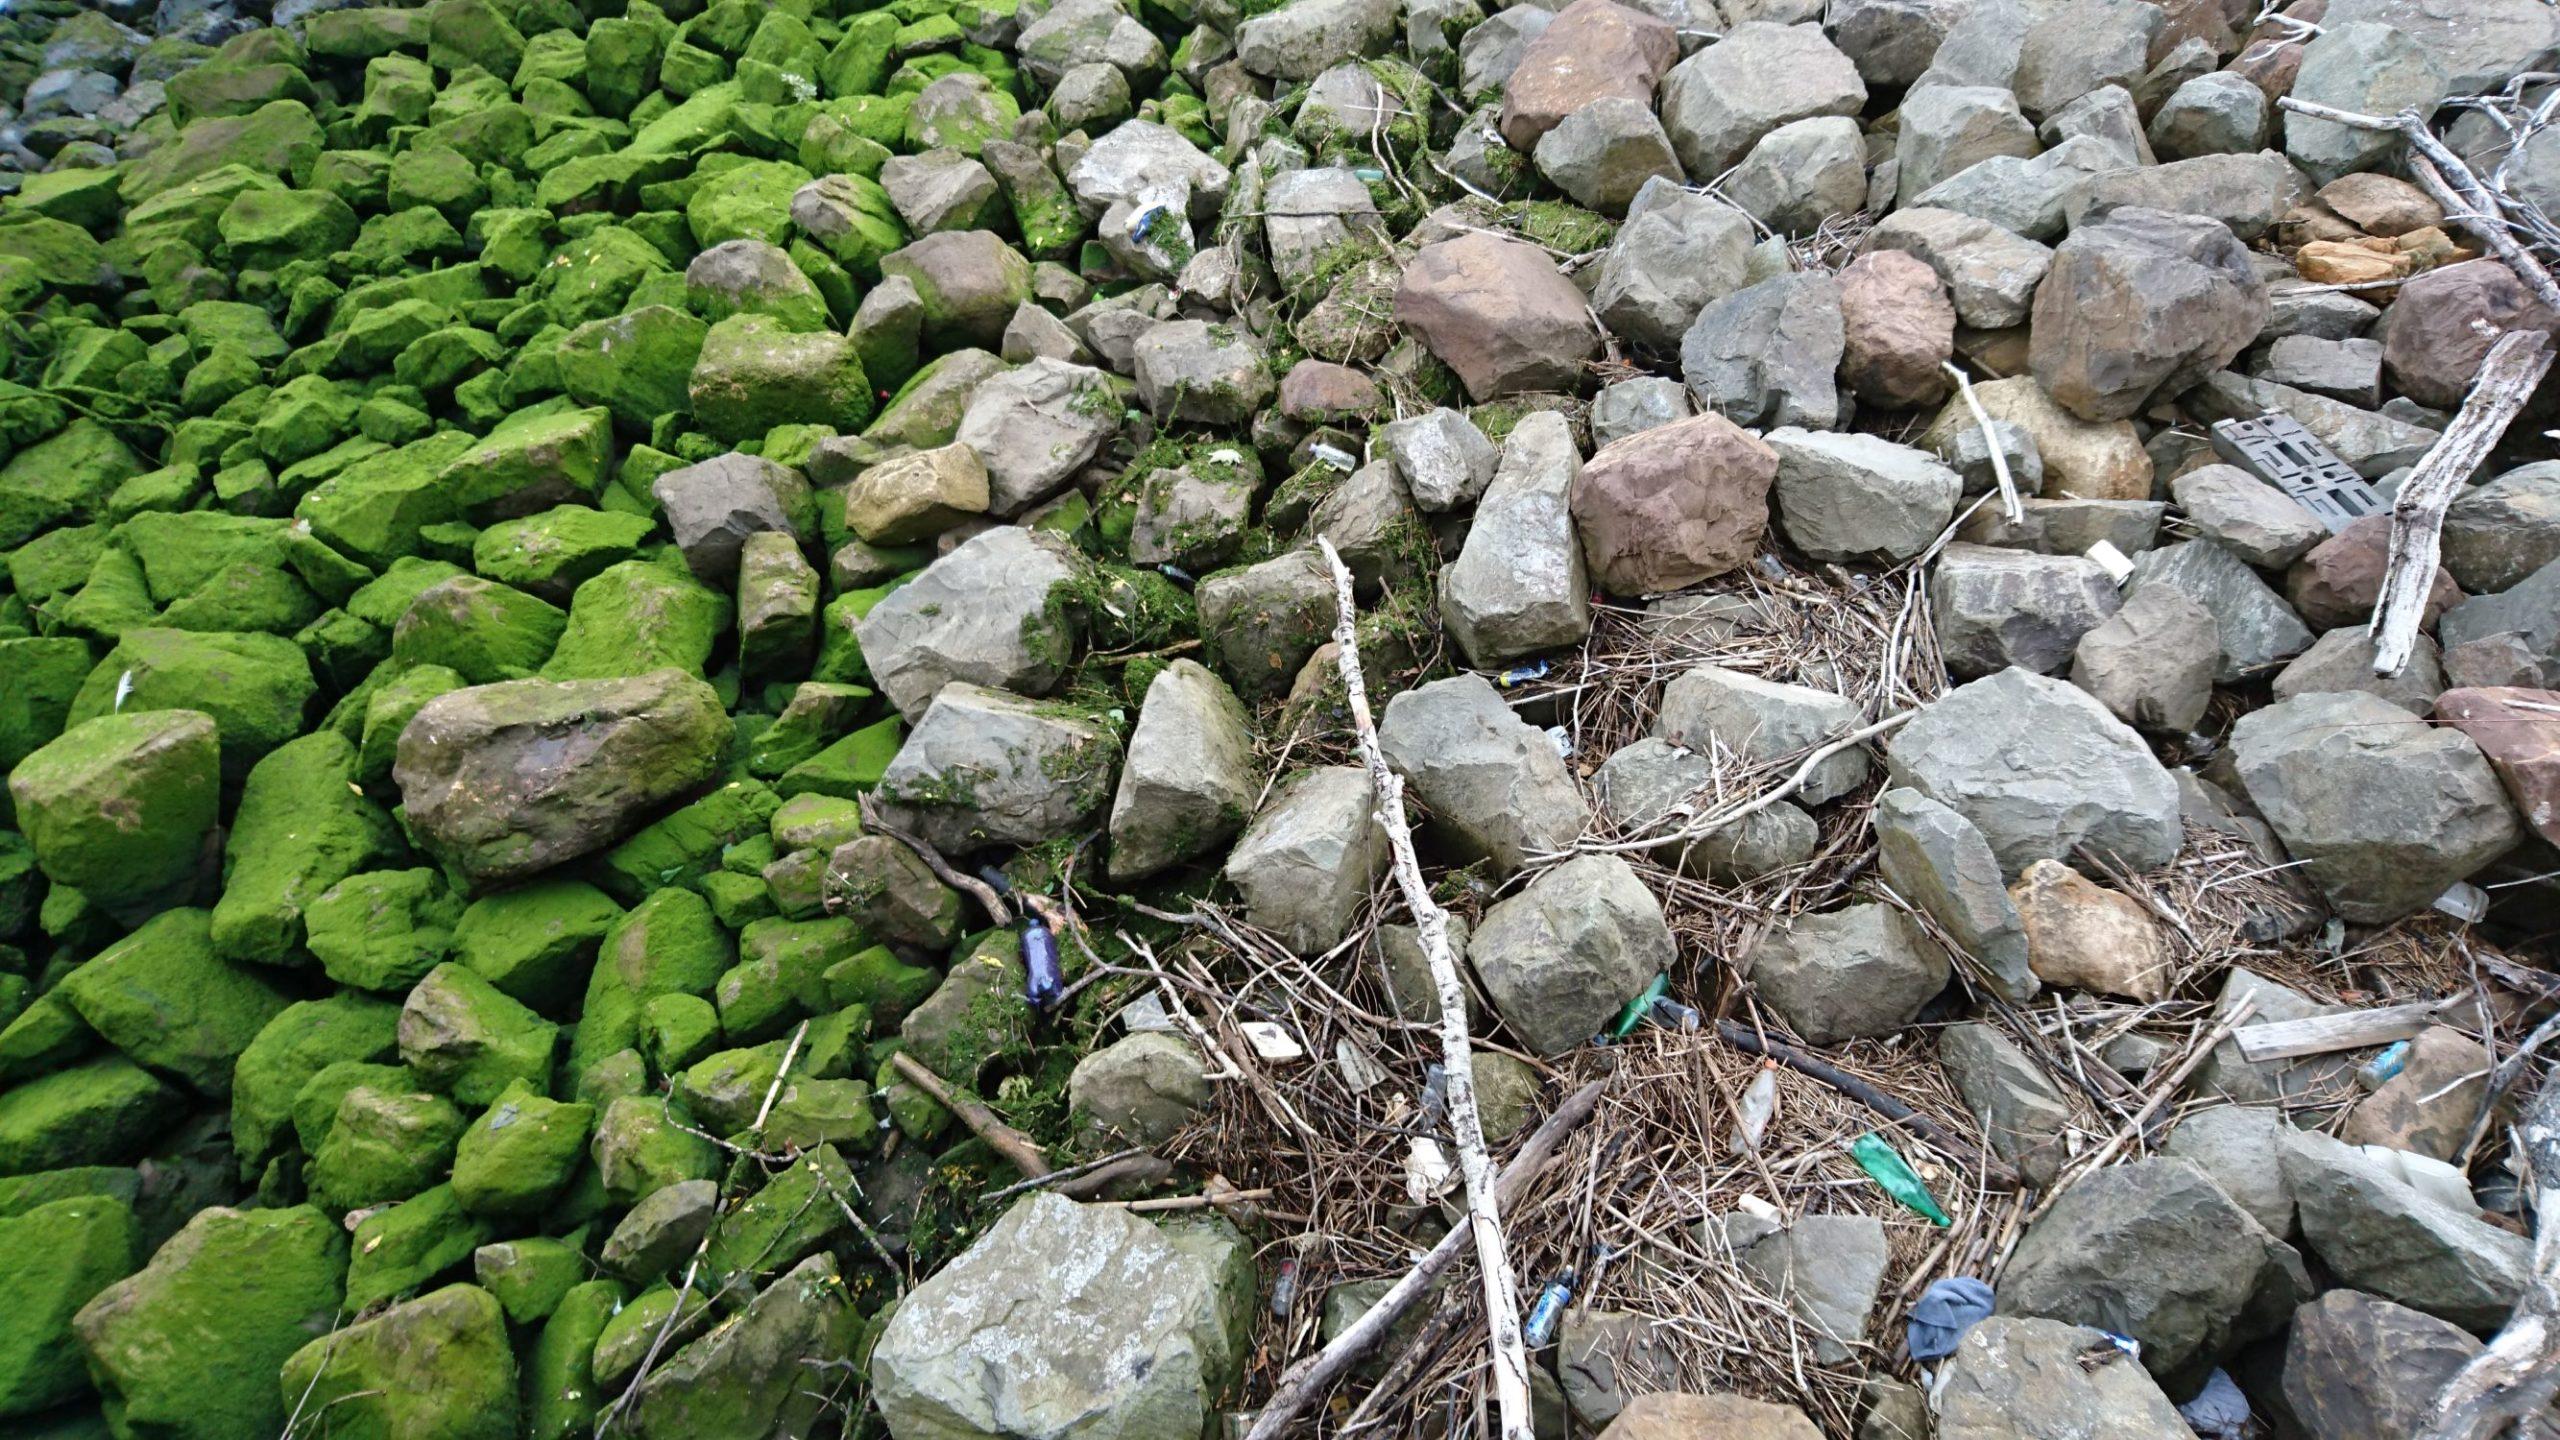 Image of beautiful rocks and detritus